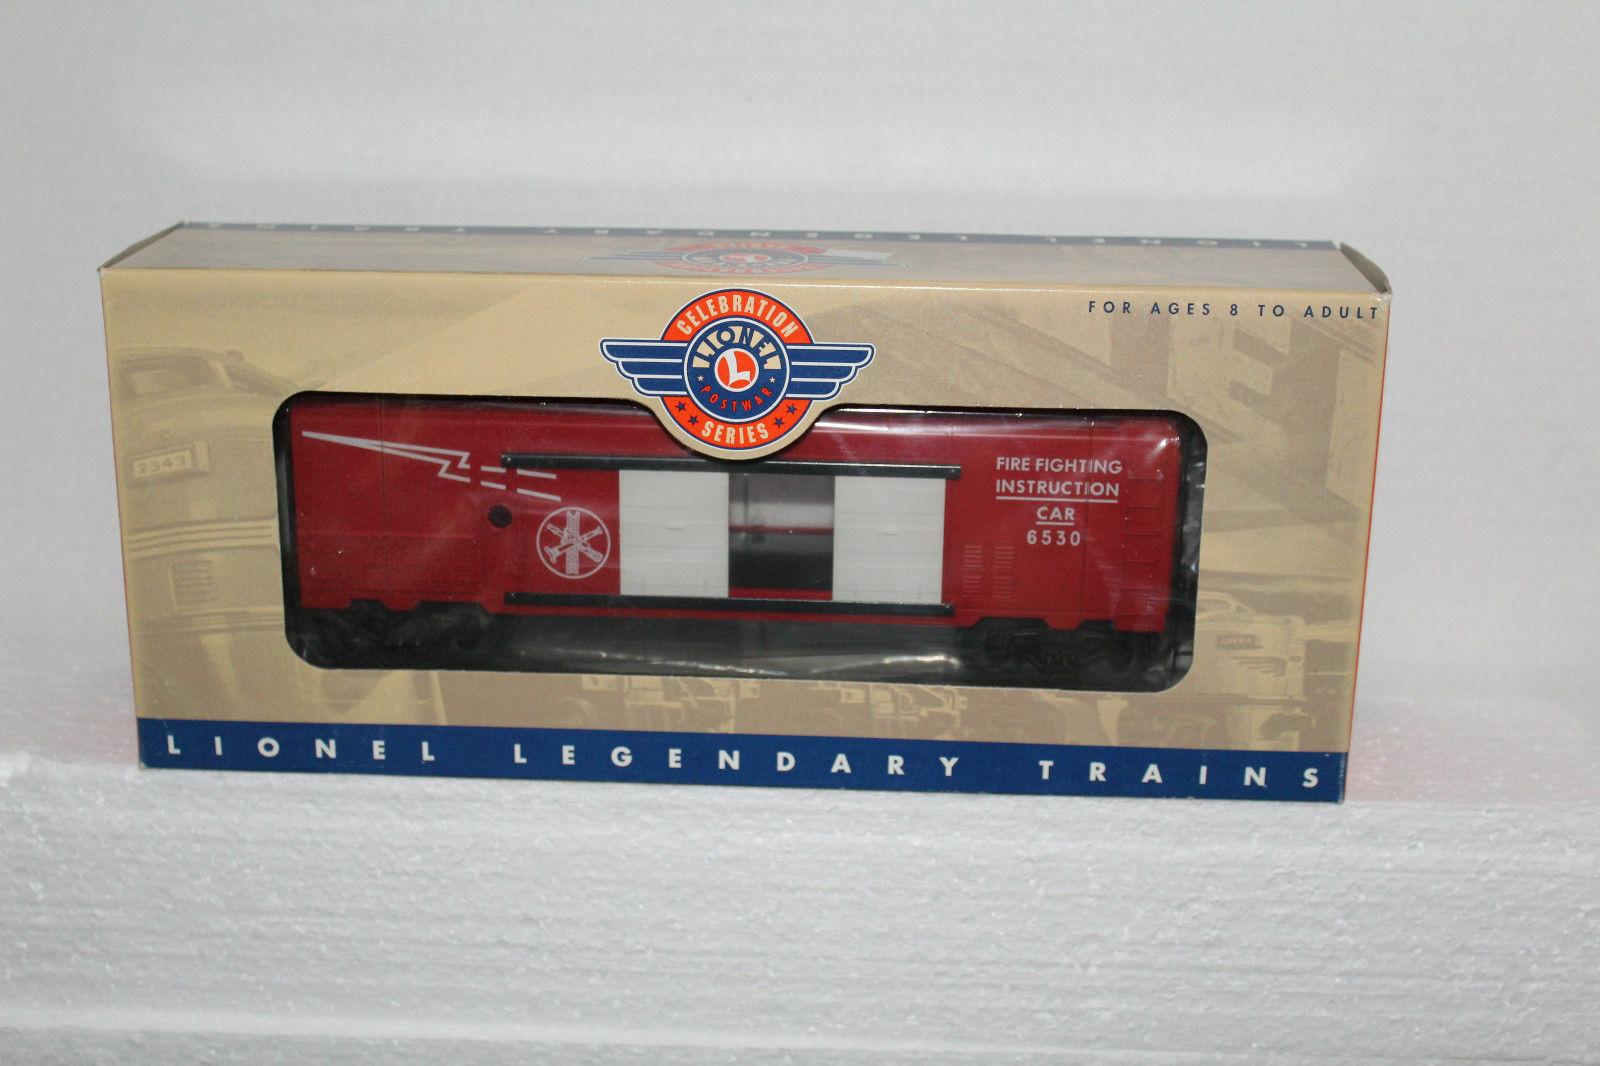 descuento de ventas Coche Lionel instrucción de lucha contra el fuego, fuego, fuego,   6-39210, 0 027, Nuevo En Caja-Perfecto Estado  comprar marca